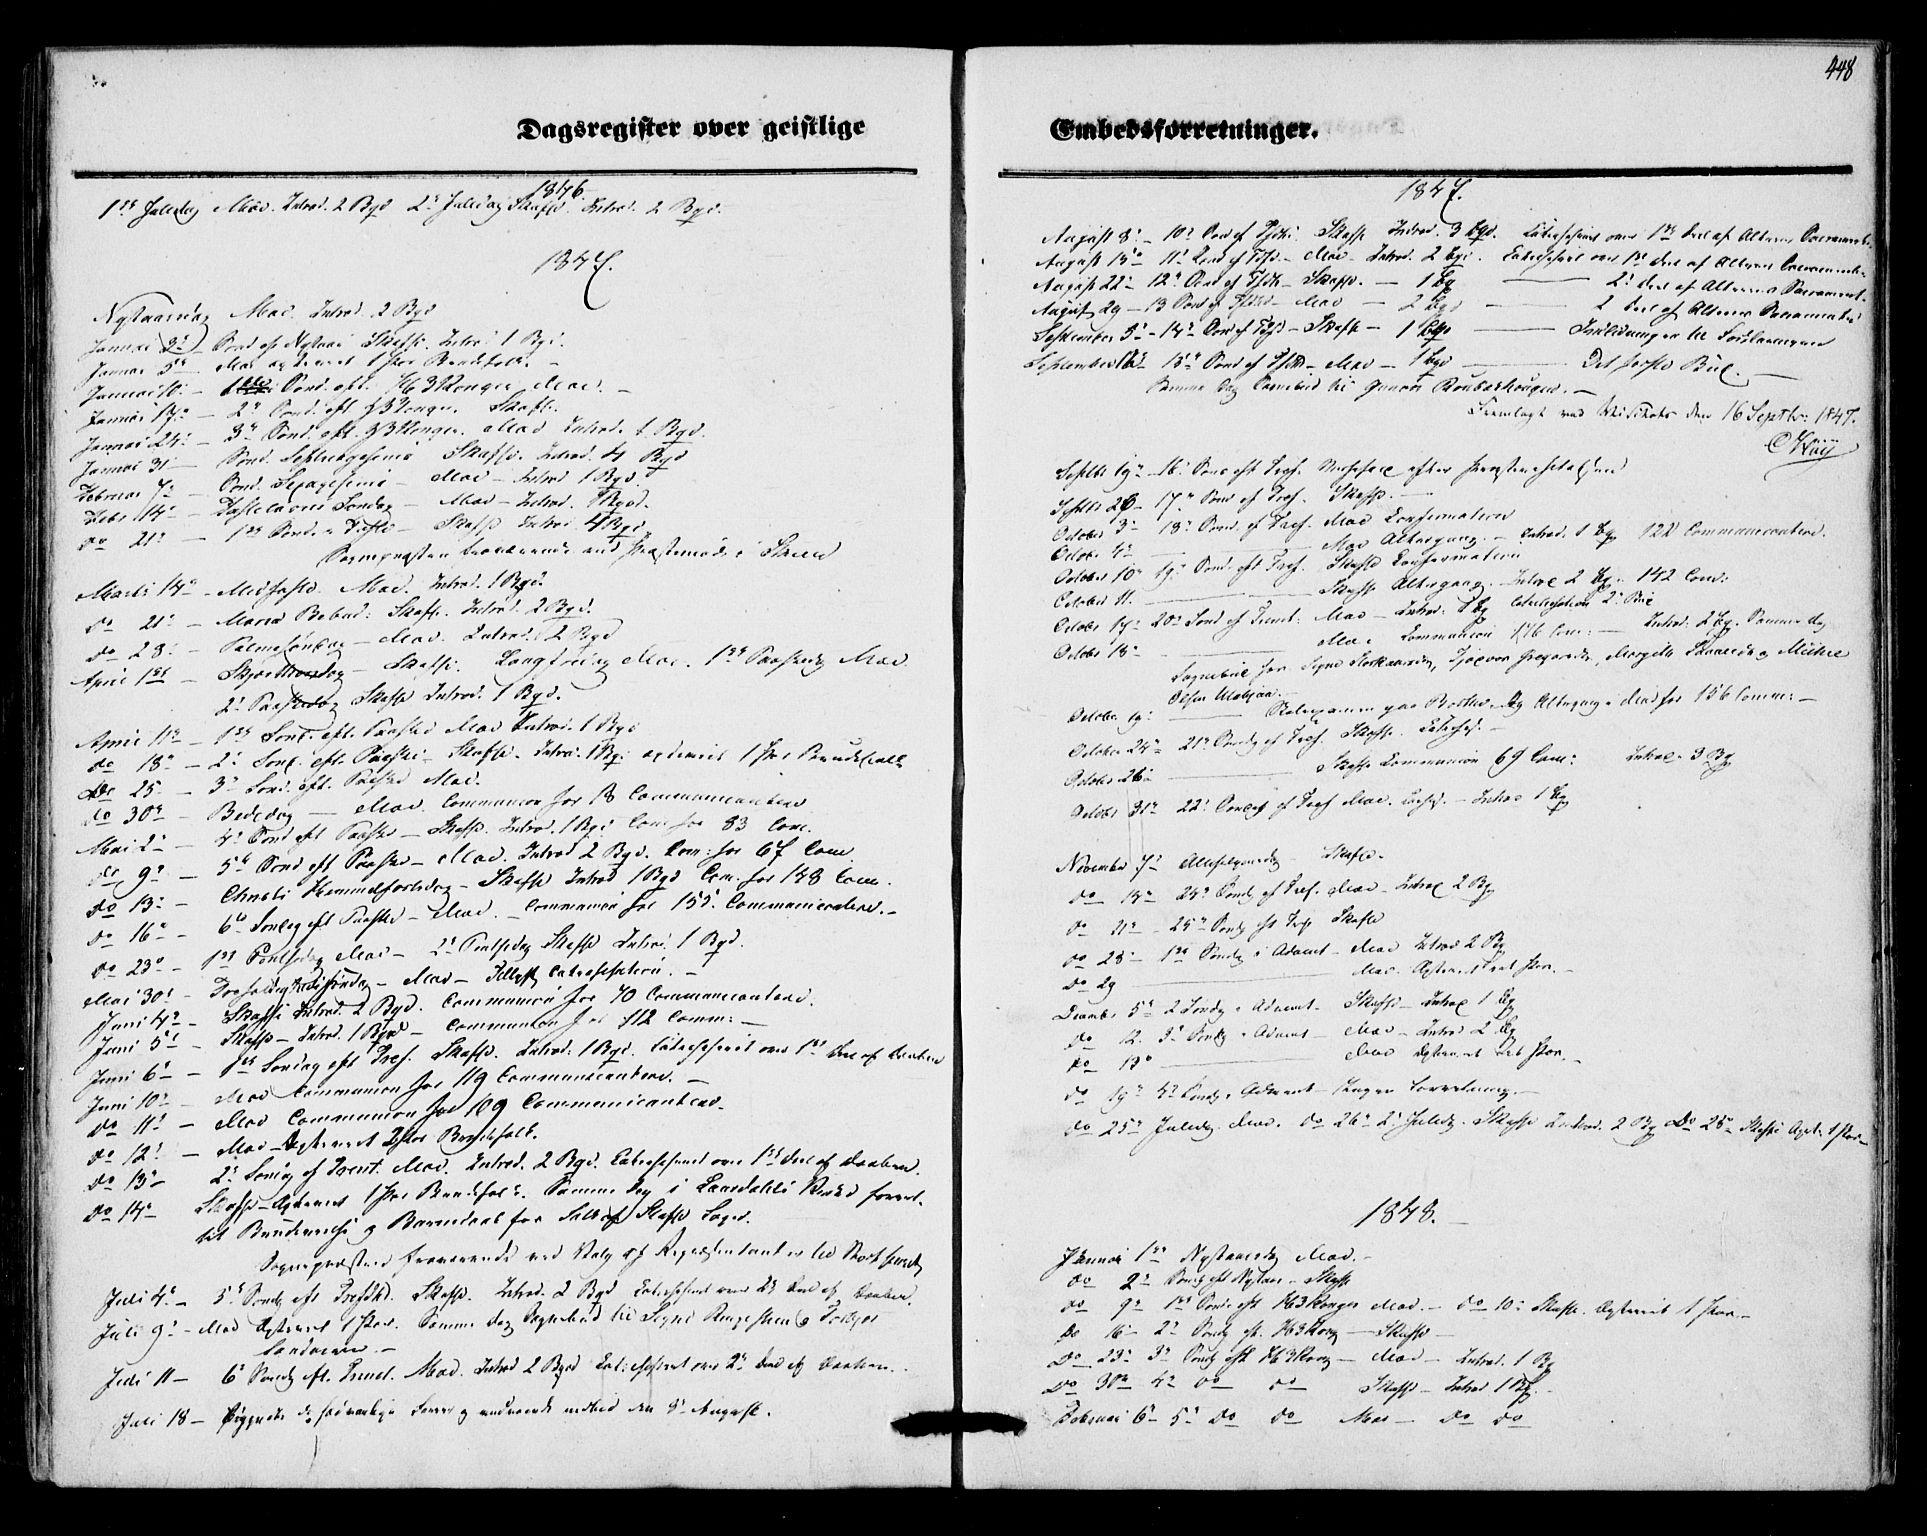 SAKO, Mo kirkebøker, F/Fa/L0005: Ministerialbok nr. I 5, 1844-1864, s. 448